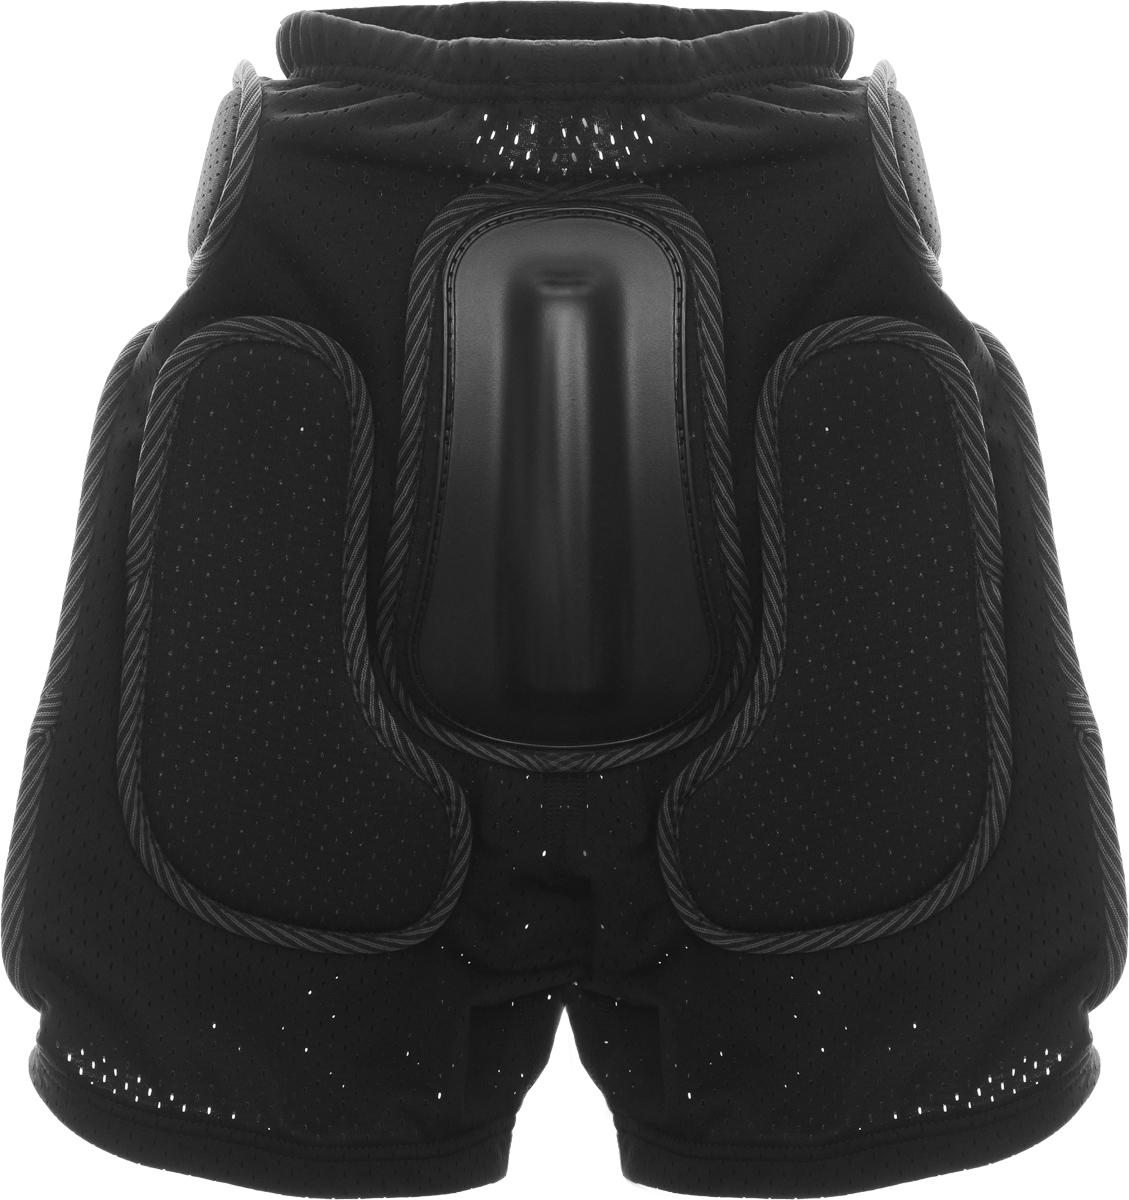 Шорты защитные Biont Комфорт, цвет: черный, размер XSTG497125Защитные шорты Biont Комфорт - это необходимая часть снаряжения сноубордистов, любителей экстремального катания на роликах, байкеров, фанатов зимнего кайтинга. Шорты изготовлены из мягкой эластичной потовыводящей сетки с хорошей воздухопроницаемостью под накладками без остаточной деформации.Для обеспечения улучшенной вентиляции в шортах используется дышащая сетка спейсер. Комфортные защитные шорты Biont Комфорт идеальный выбор для любителей экстремального спорта. Толщина пластиковых накладок: 8-12 мм.